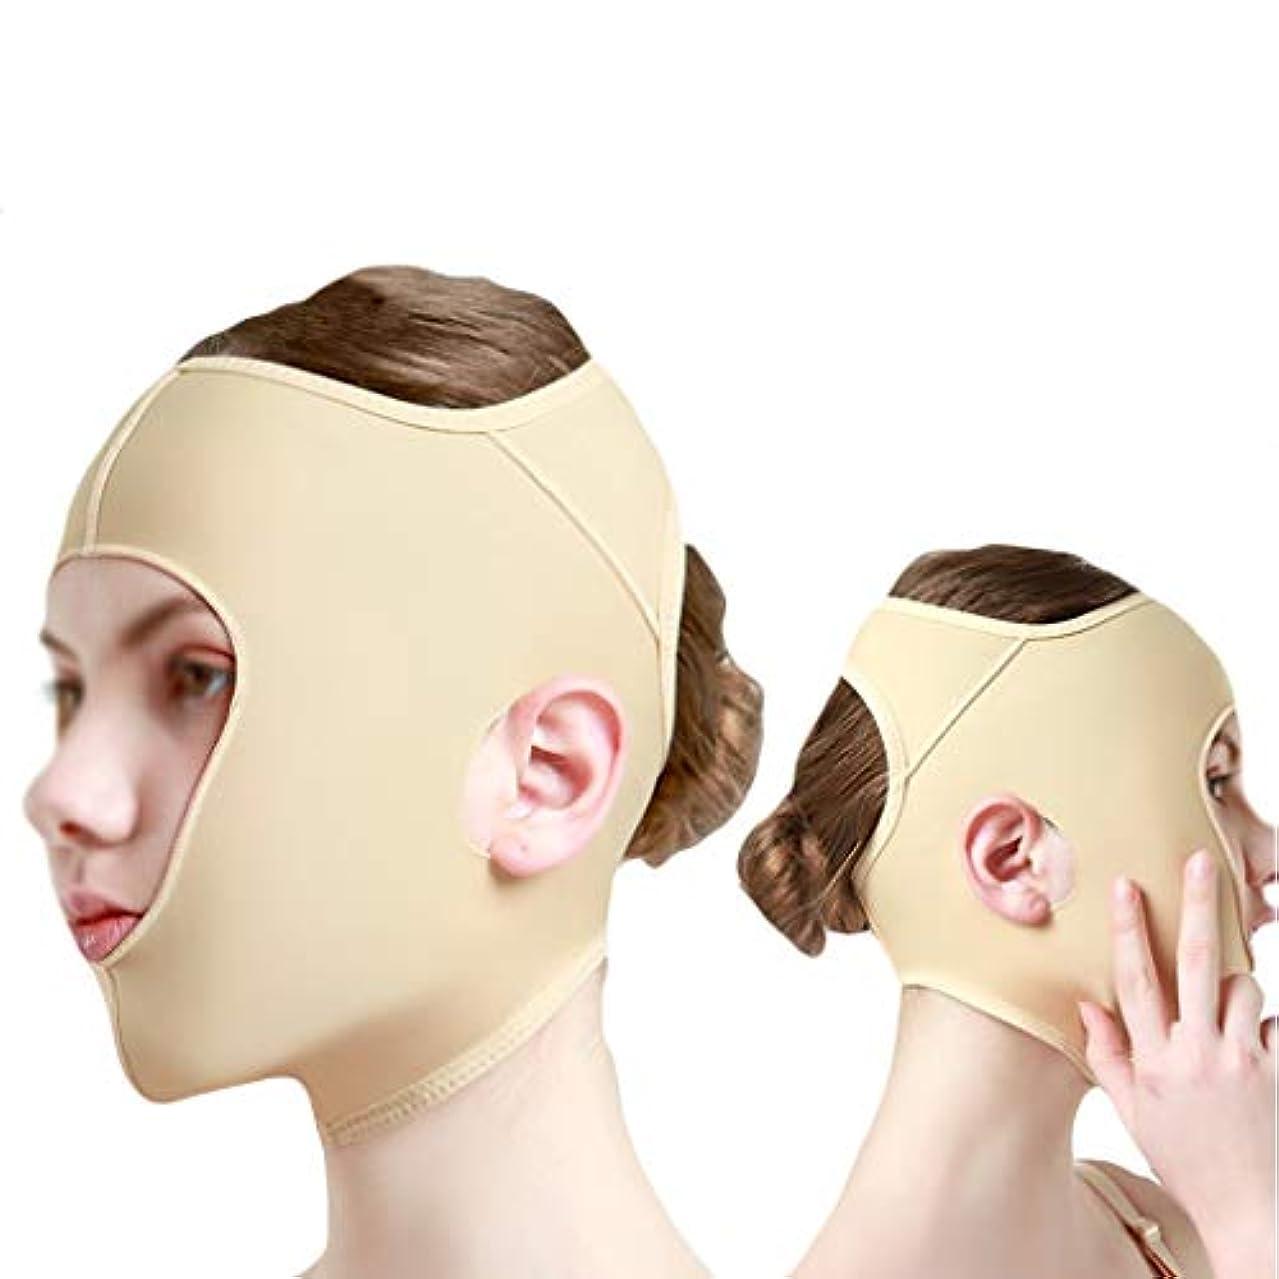 アドバイスのスコア打ち負かすXHLMRMJ 顔の彫刻ツール、脂肪吸引フード、二重あご包帯、ストレッチマスク (Size : M)